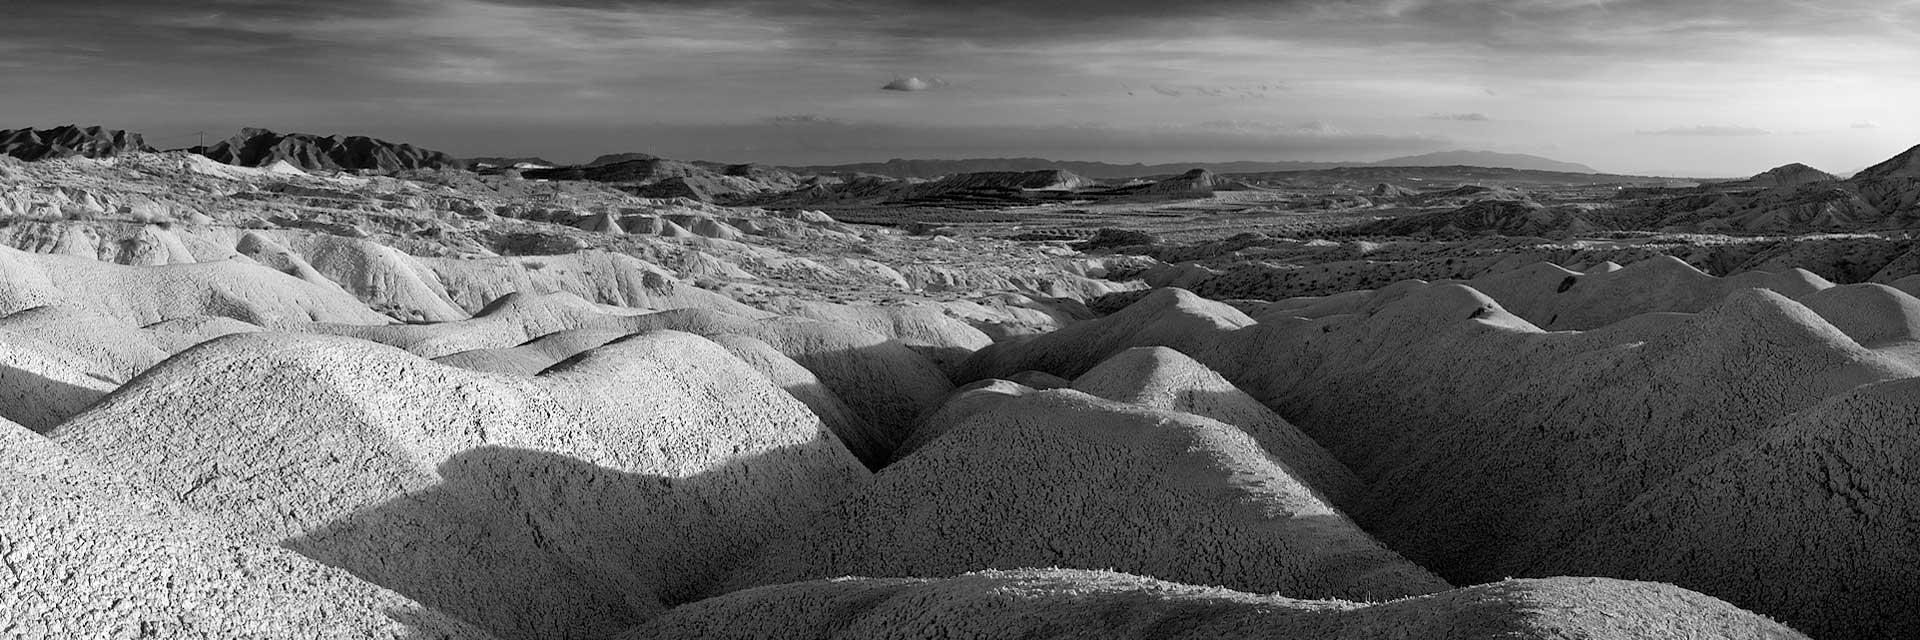 Fotografía de Manuel Portillo: cárcavas en blanco y negro